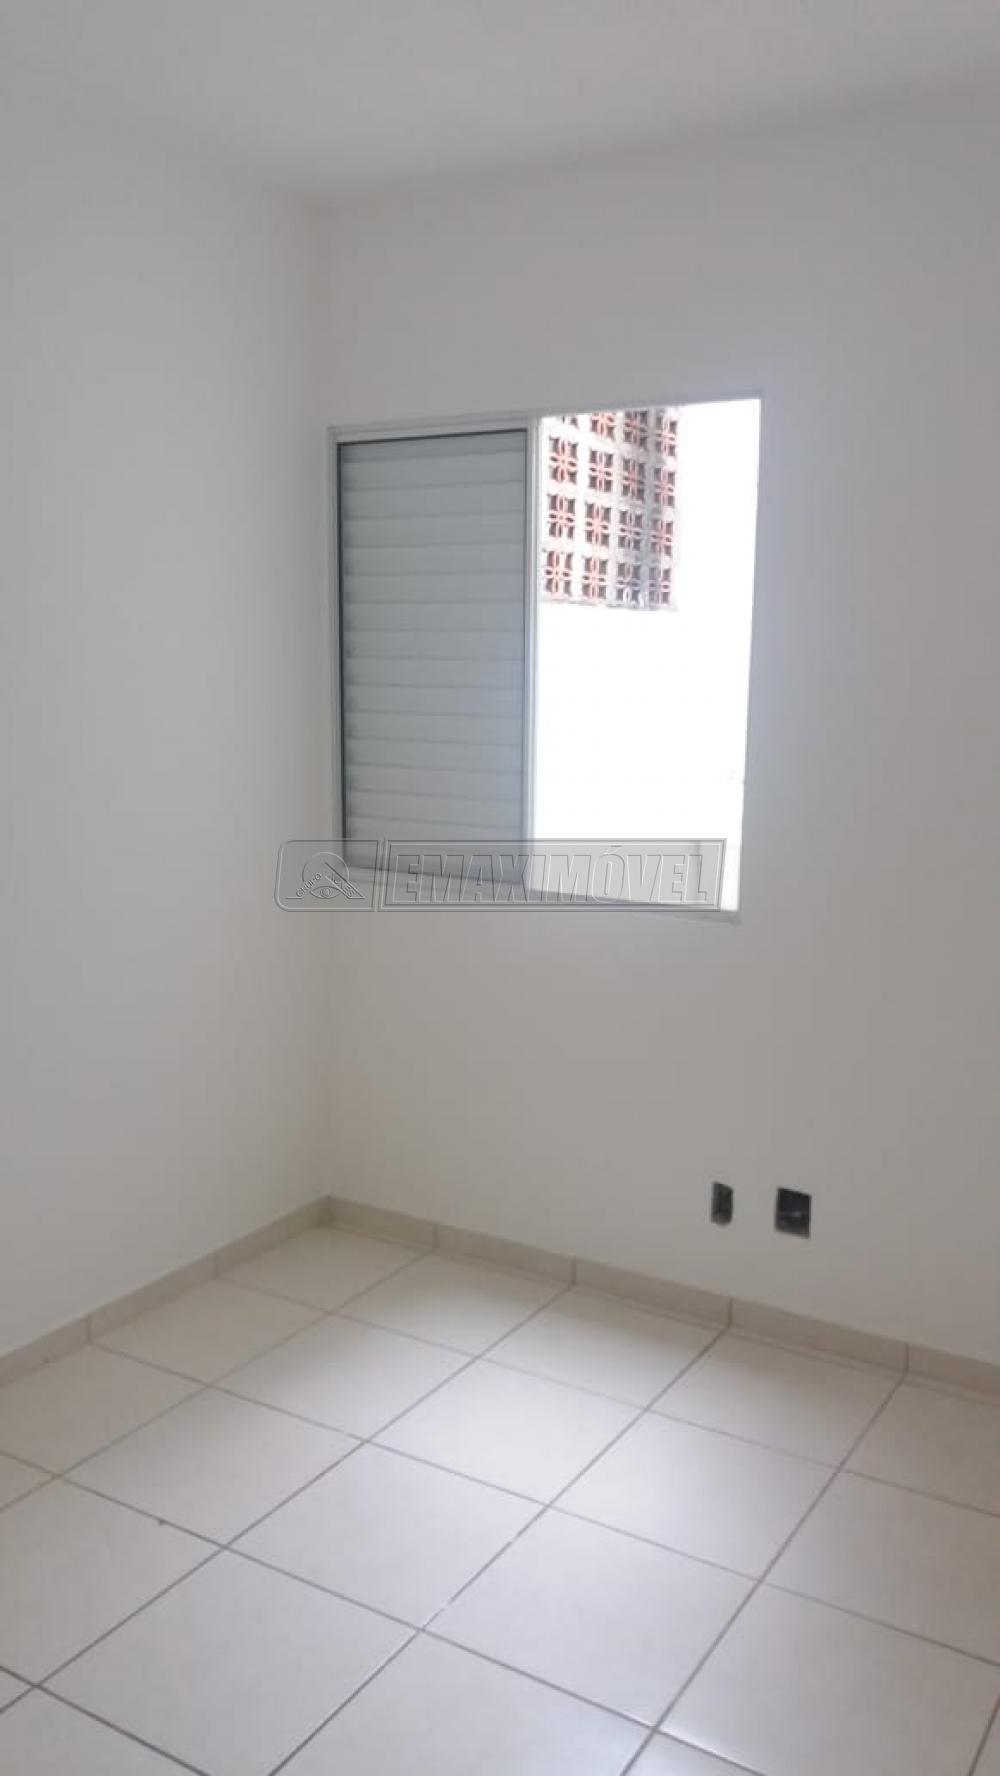 Comprar Casas / em Condomínios em Sorocaba apenas R$ 245.000,00 - Foto 14